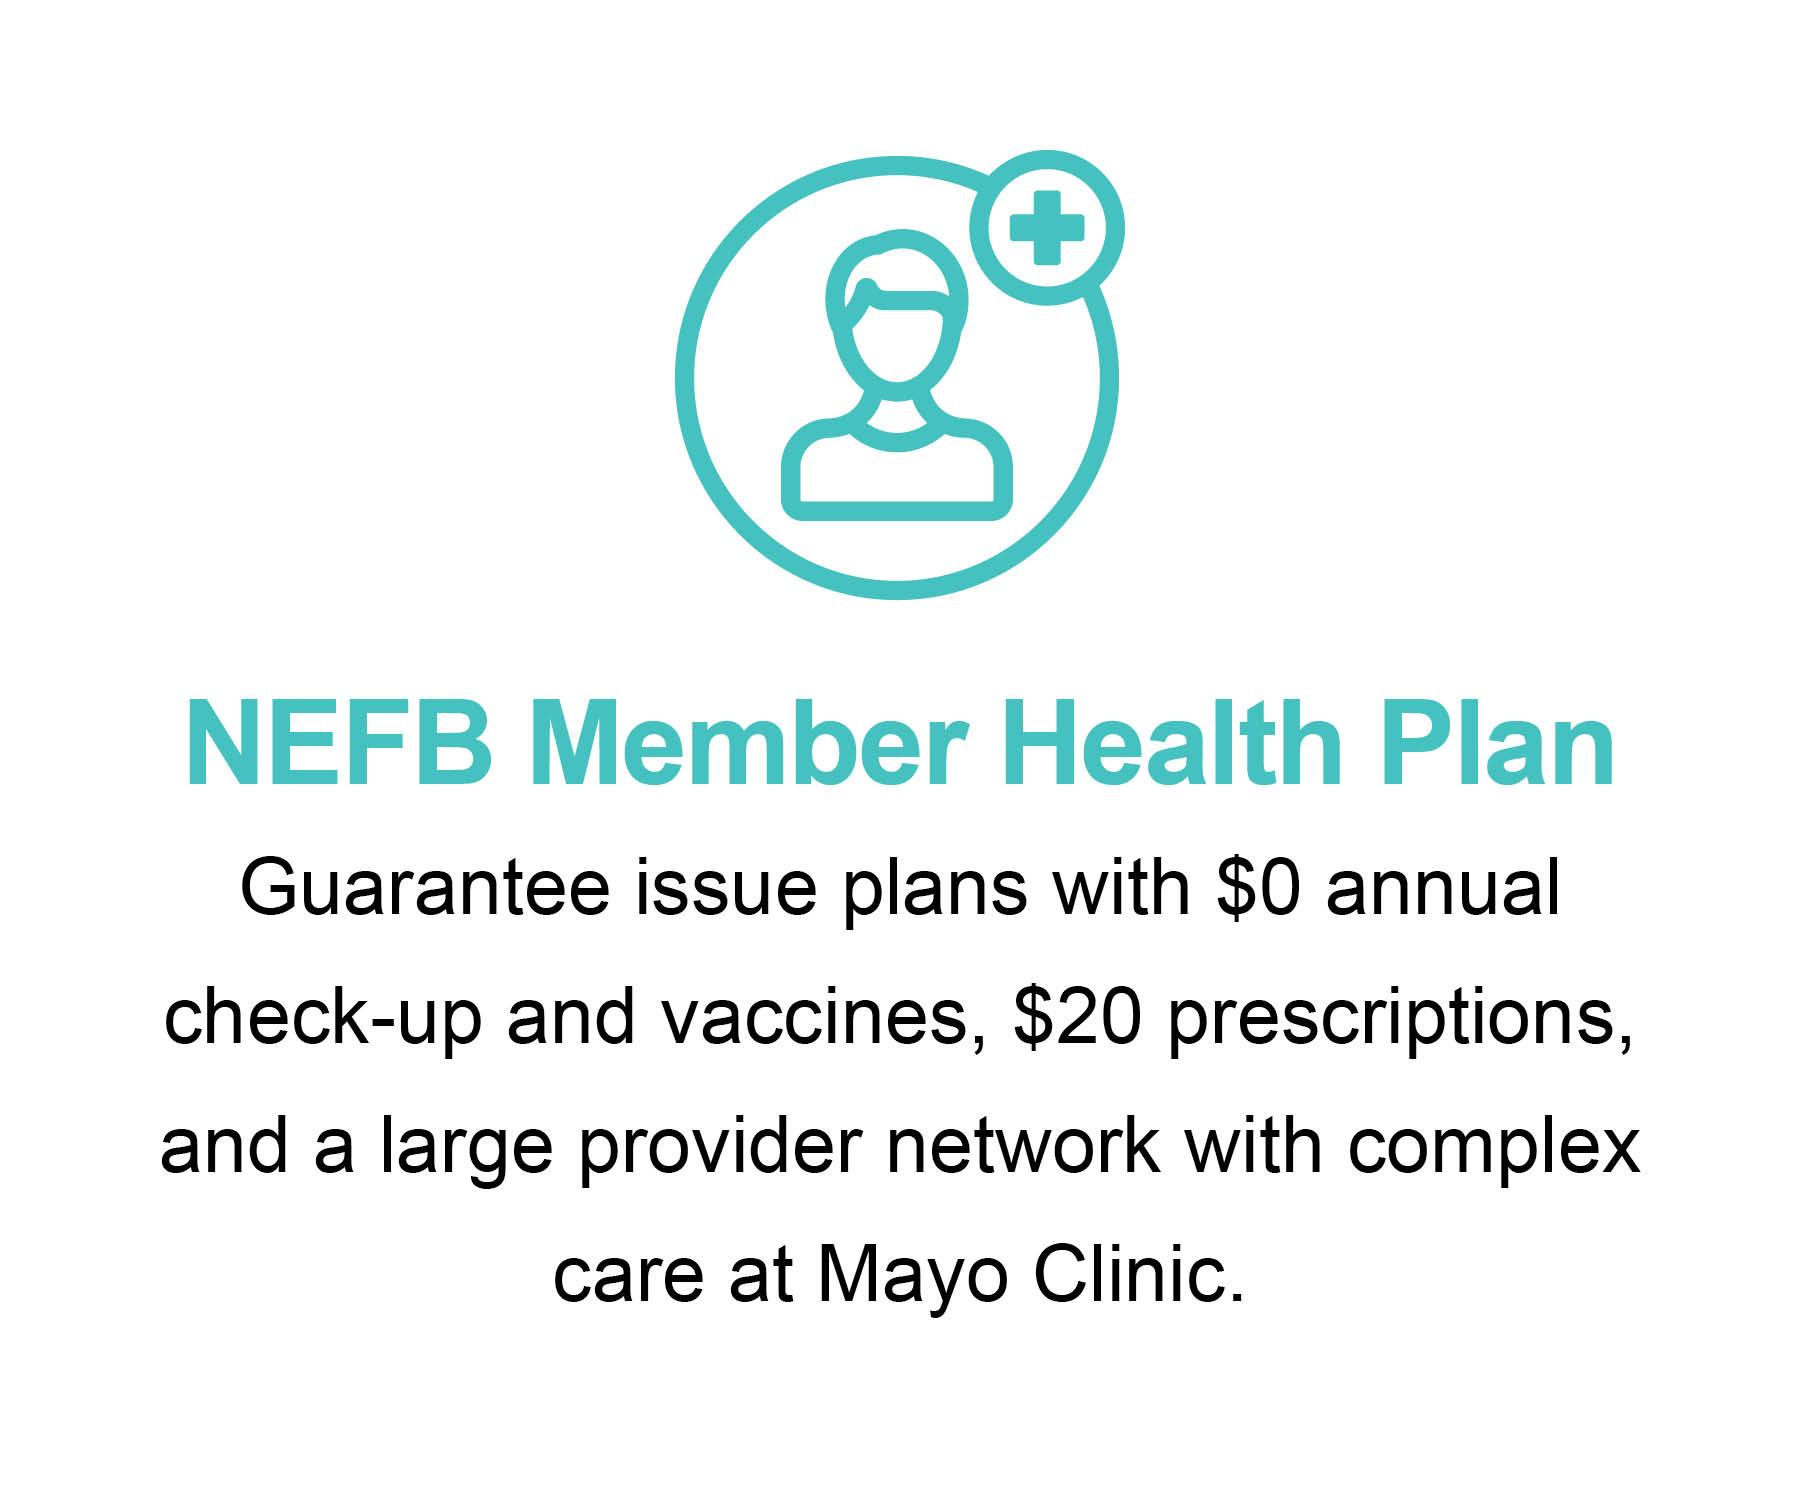 Member Health Plan